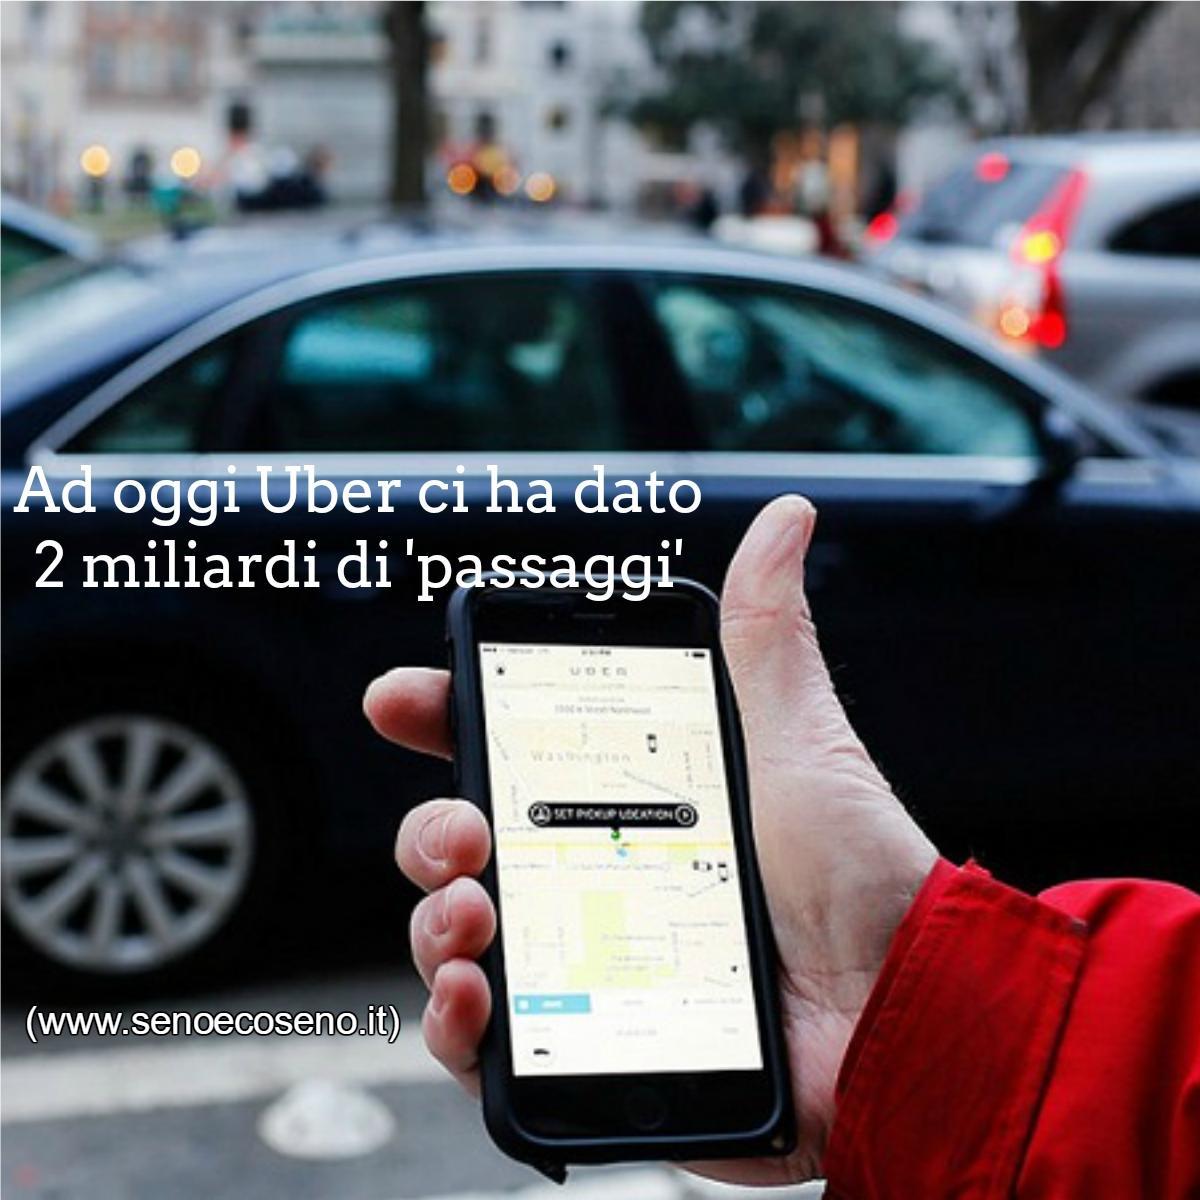 Uber-2-miliardi-corse-foto